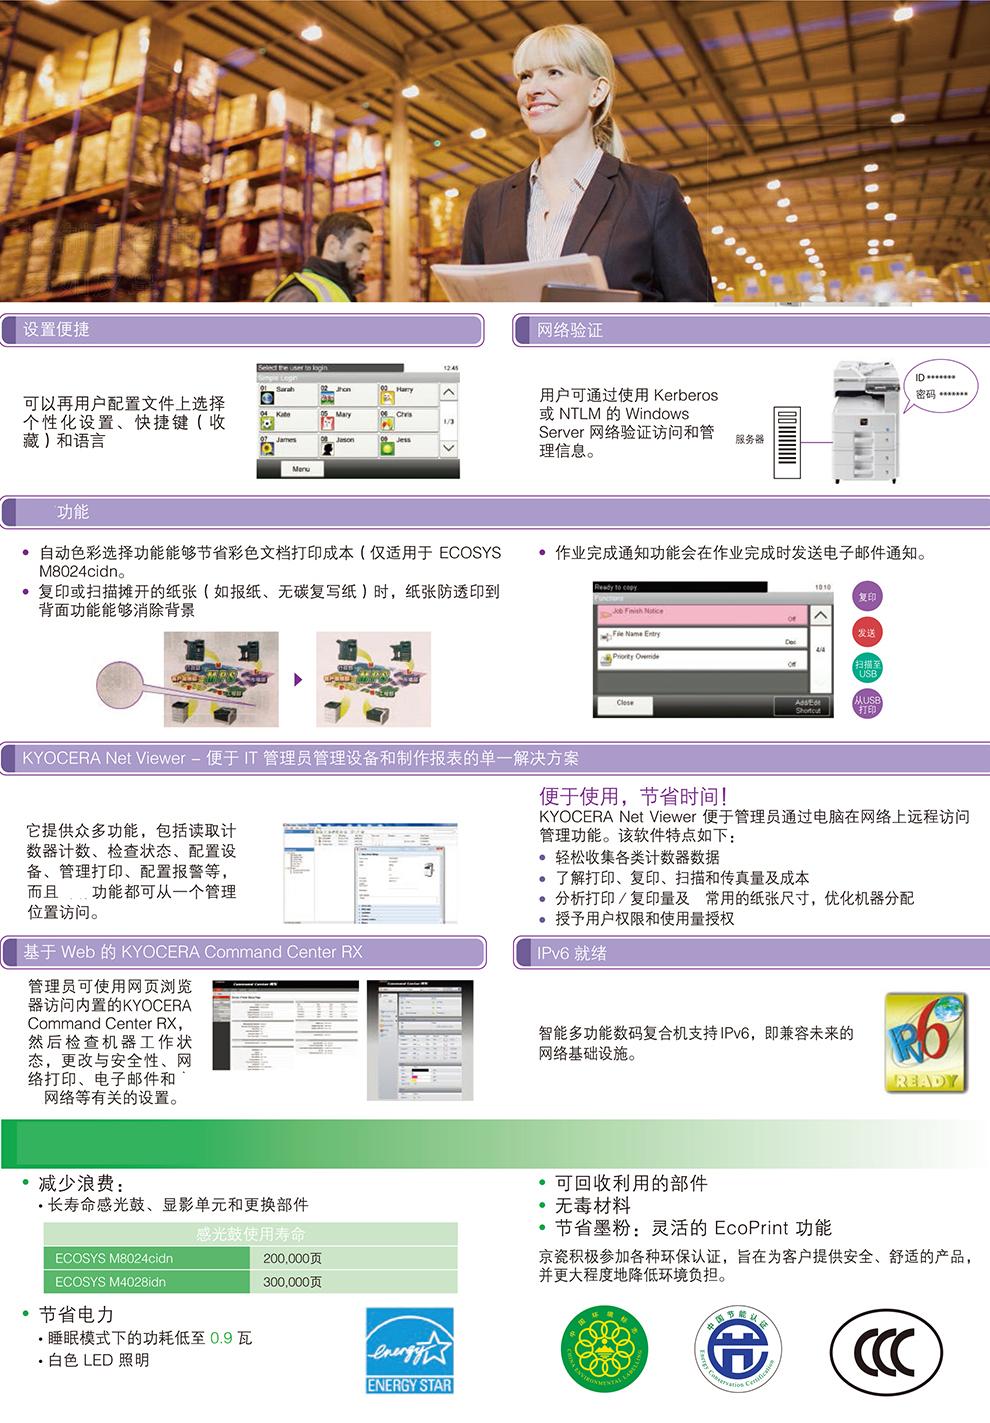 京瓷(Kyocera)M8024cidn A3彩色多功能数码复印复合机标配+输稿